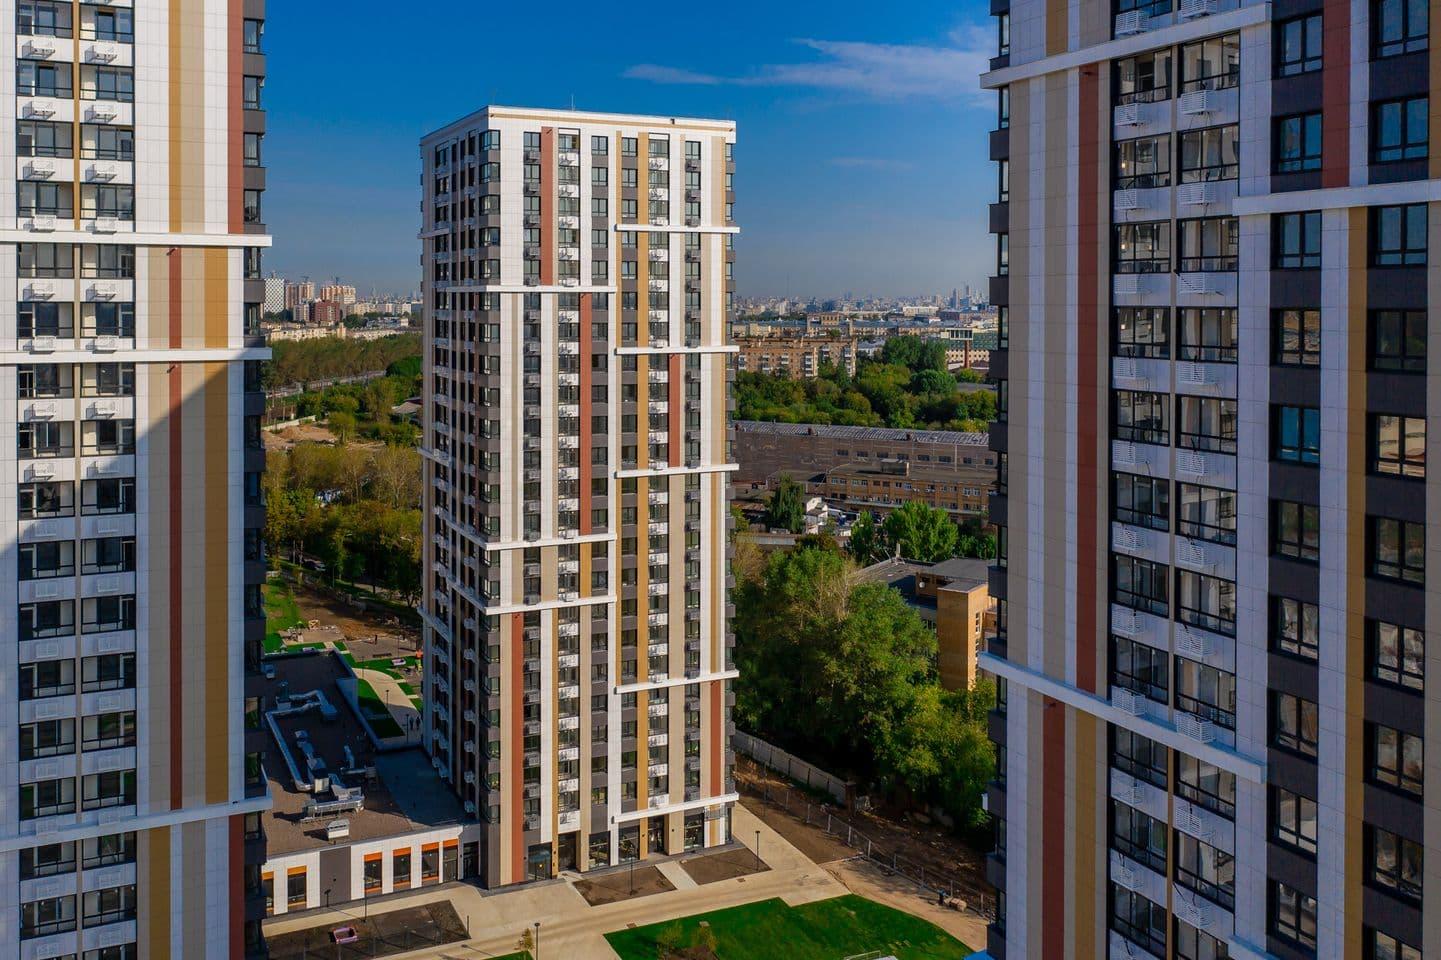 ГК«Пионер» построила четыре дома наюге Москвы